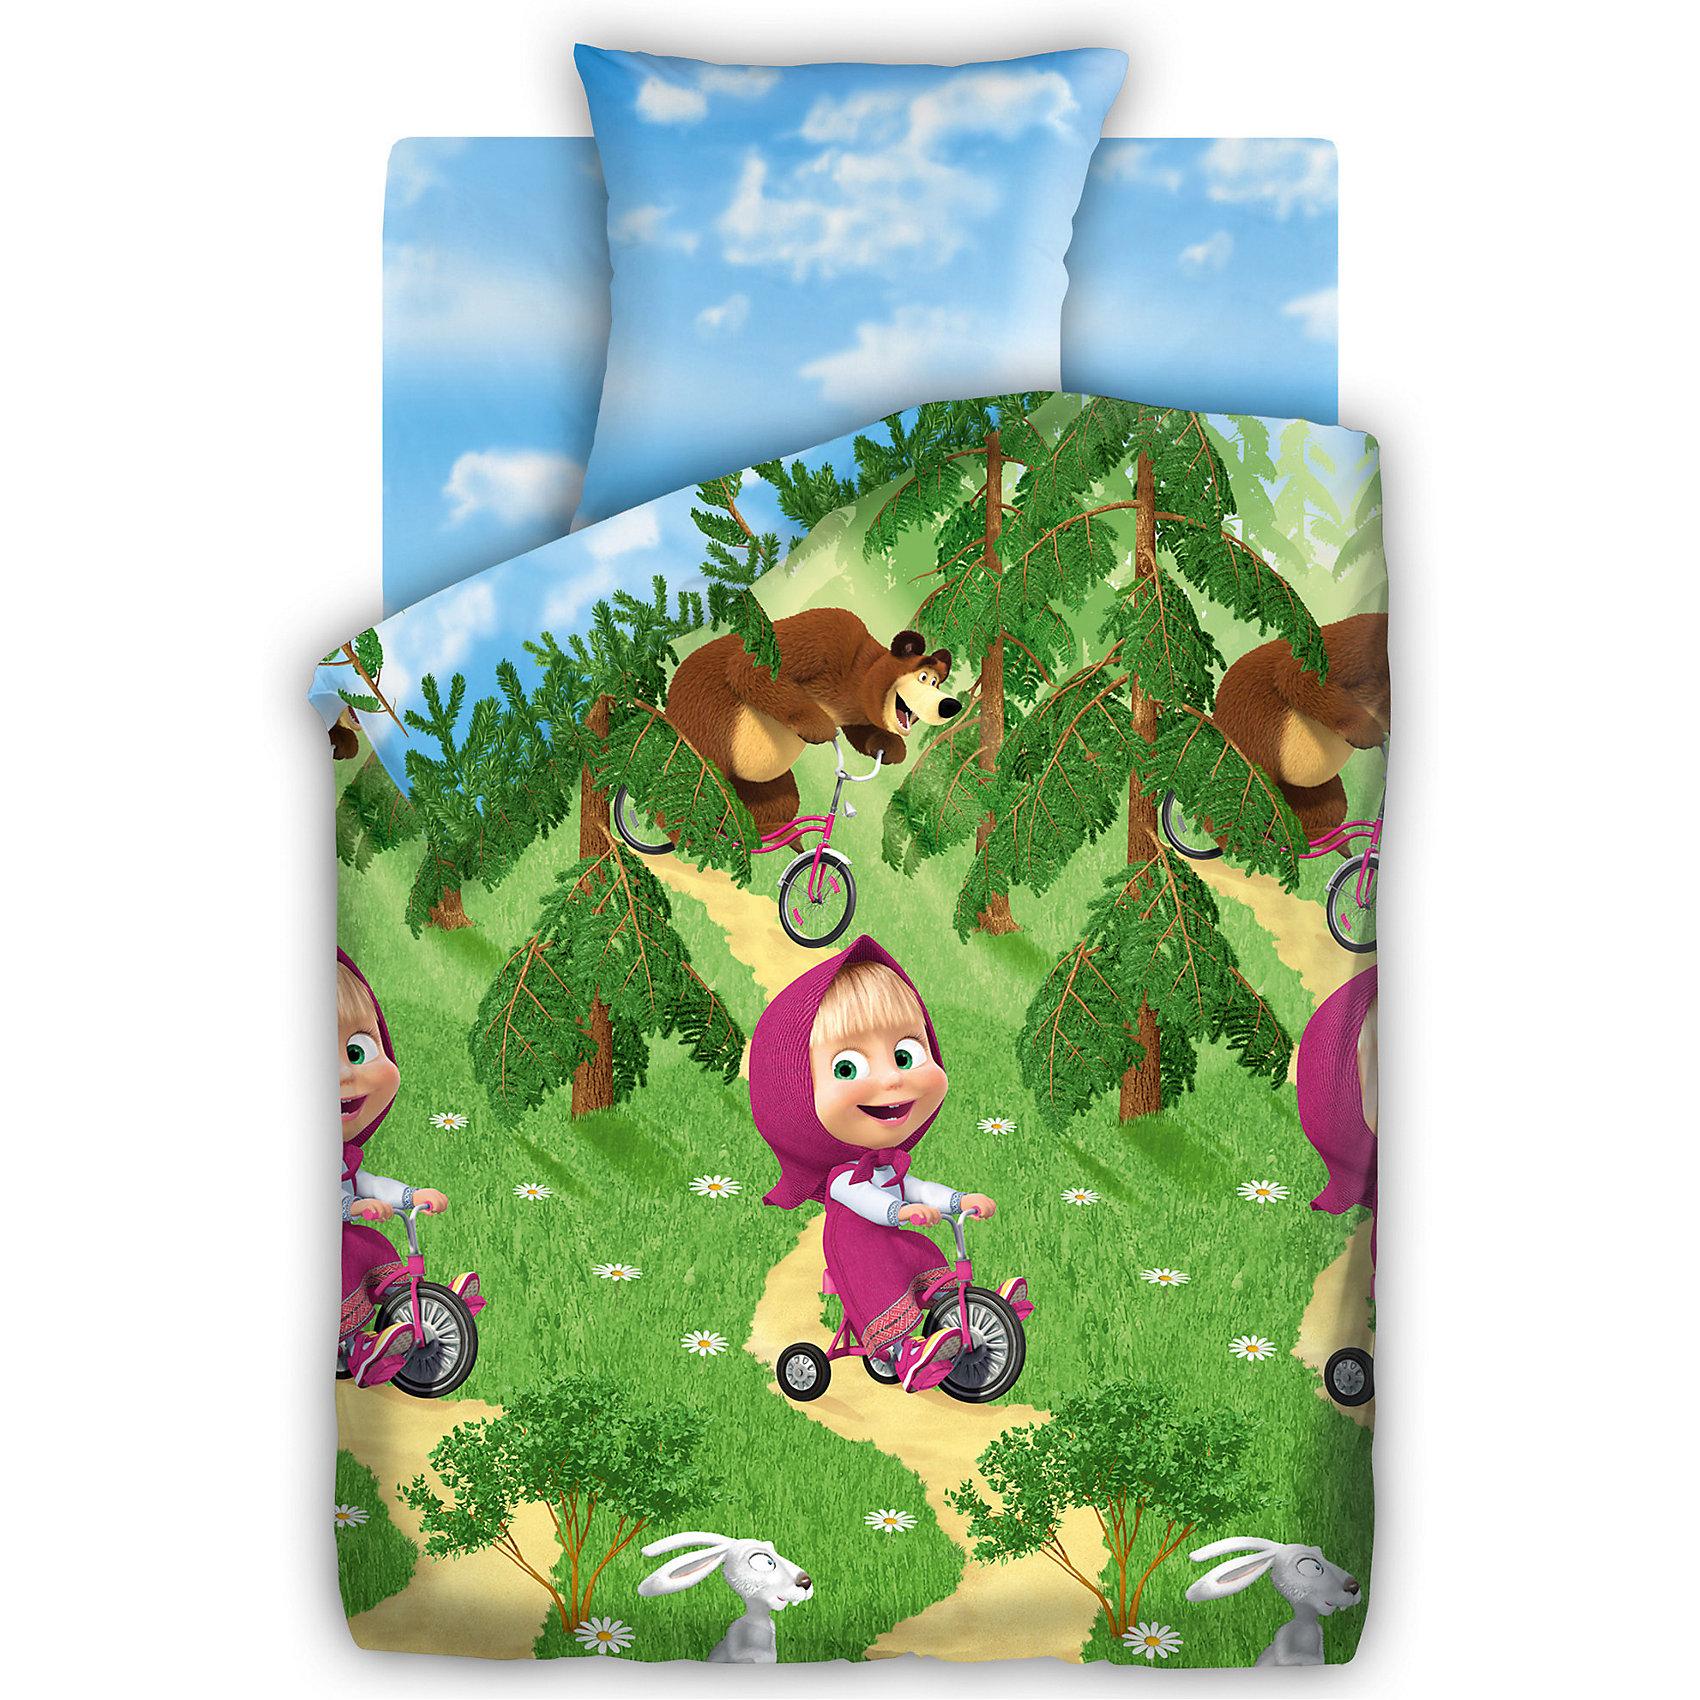 Комплект Велогонка 1,5-спальный, Маша и МедведьКомплект Велогонка 1,5-спальный, Маша и Медведь – этот КПБ осуществит мечту ребенка окунуться в волшебный мир любимых героев.<br>Яркий полуторный комплект пастельного белья Велогонка, выполненный по мотивам мультсериал «Маша и Медведь», создаст уютную атмосферу в спальне вашего ребенка. С таким комплектом он будет с удовольствием погружаться в мир сказочных снов. Простыня, наволочка и нижняя сторона пододеяльника выполнены в бело-голубой цветовой гамме – небесная лазурь, а верхняя сторона пододеяльника украшена изображениями героев мультфильма, устроивших на лесной полянке спортивное соревнование – велогонку. Постельное белье изготовлено из бязи. Ткань приятна на ощупь, обладает высокой гигроскопичностью и воздухопроницаемостью. Белье выполнено с применением стойких европейских красителей, не вызывающих аллергических реакций, безопасных для нежной кожи ребенка. Комплект легко стирается, гладится и долго сохраняет цвет и прочность даже после многочисленных стирок.<br><br>Дополнительная информация:<br><br>- Размер 1,5 спальный<br>- В комплекте: пододеяльник 143х215 см., простыня 150х214 см., наволочка 70х70 см.<br>- Способ застегивания:  пододеяльник входной клапан, наволочка запах<br>- Простыня без шва<br>- Материал: набивная универсальная бязь (100% хлопок)<br>- Размер упаковки: 37,5х29х5,5 см.<br>- Вес: 1,4 кг.<br><br>Комплект Велогонка 1,5-спальный, Маша и Медведь можно купить в нашем интернет-магазине.<br><br>Ширина мм: 250<br>Глубина мм: 350<br>Высота мм: 70<br>Вес г: 1150<br>Возраст от месяцев: 36<br>Возраст до месяцев: 144<br>Пол: Женский<br>Возраст: Детский<br>SKU: 4601450